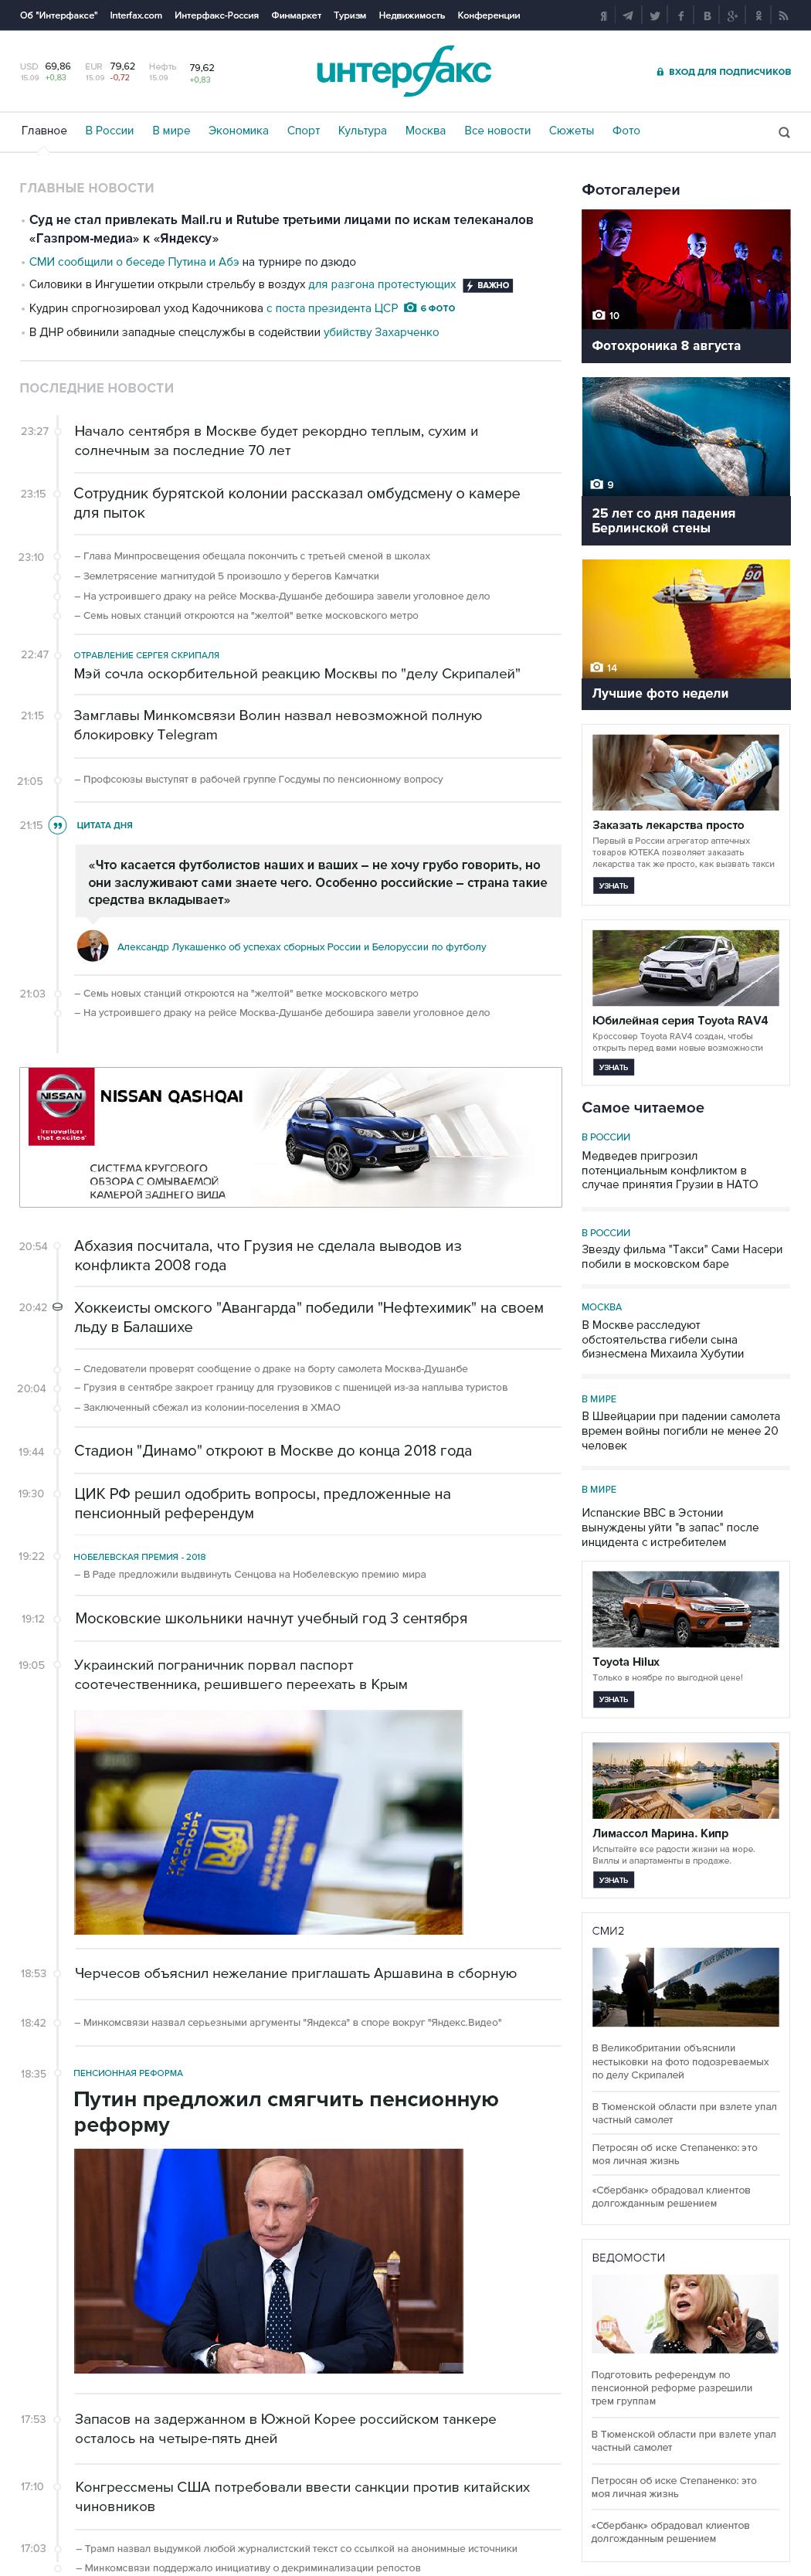 Дизайн ленты новостей на главной странице Interfax